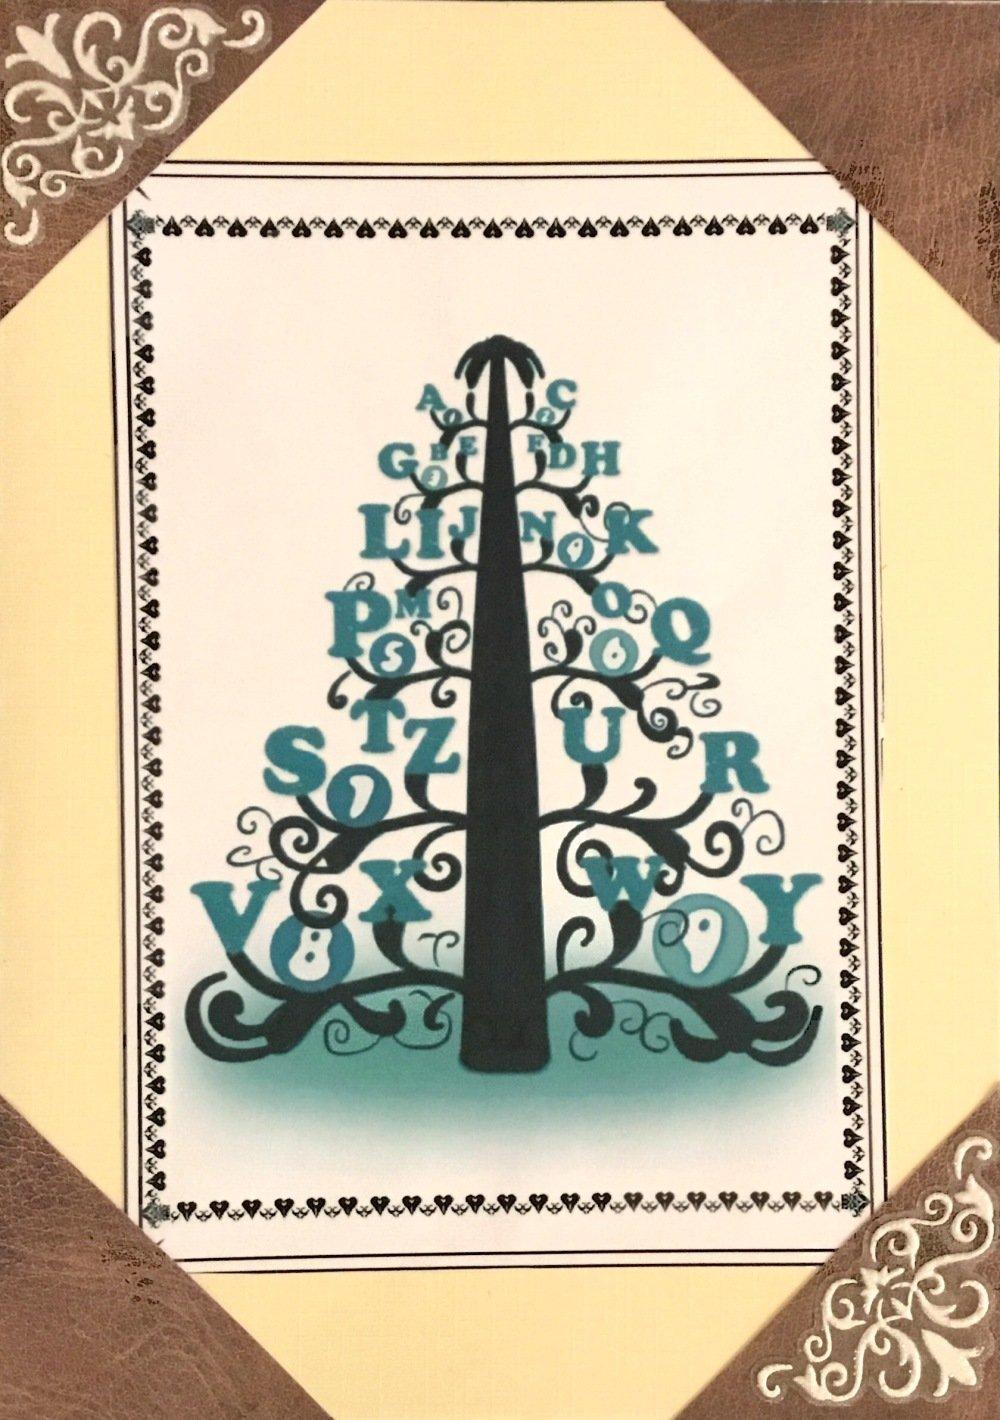 Carte de vœux/anniversaire/fête/Noël thème sapin style scrapbooking